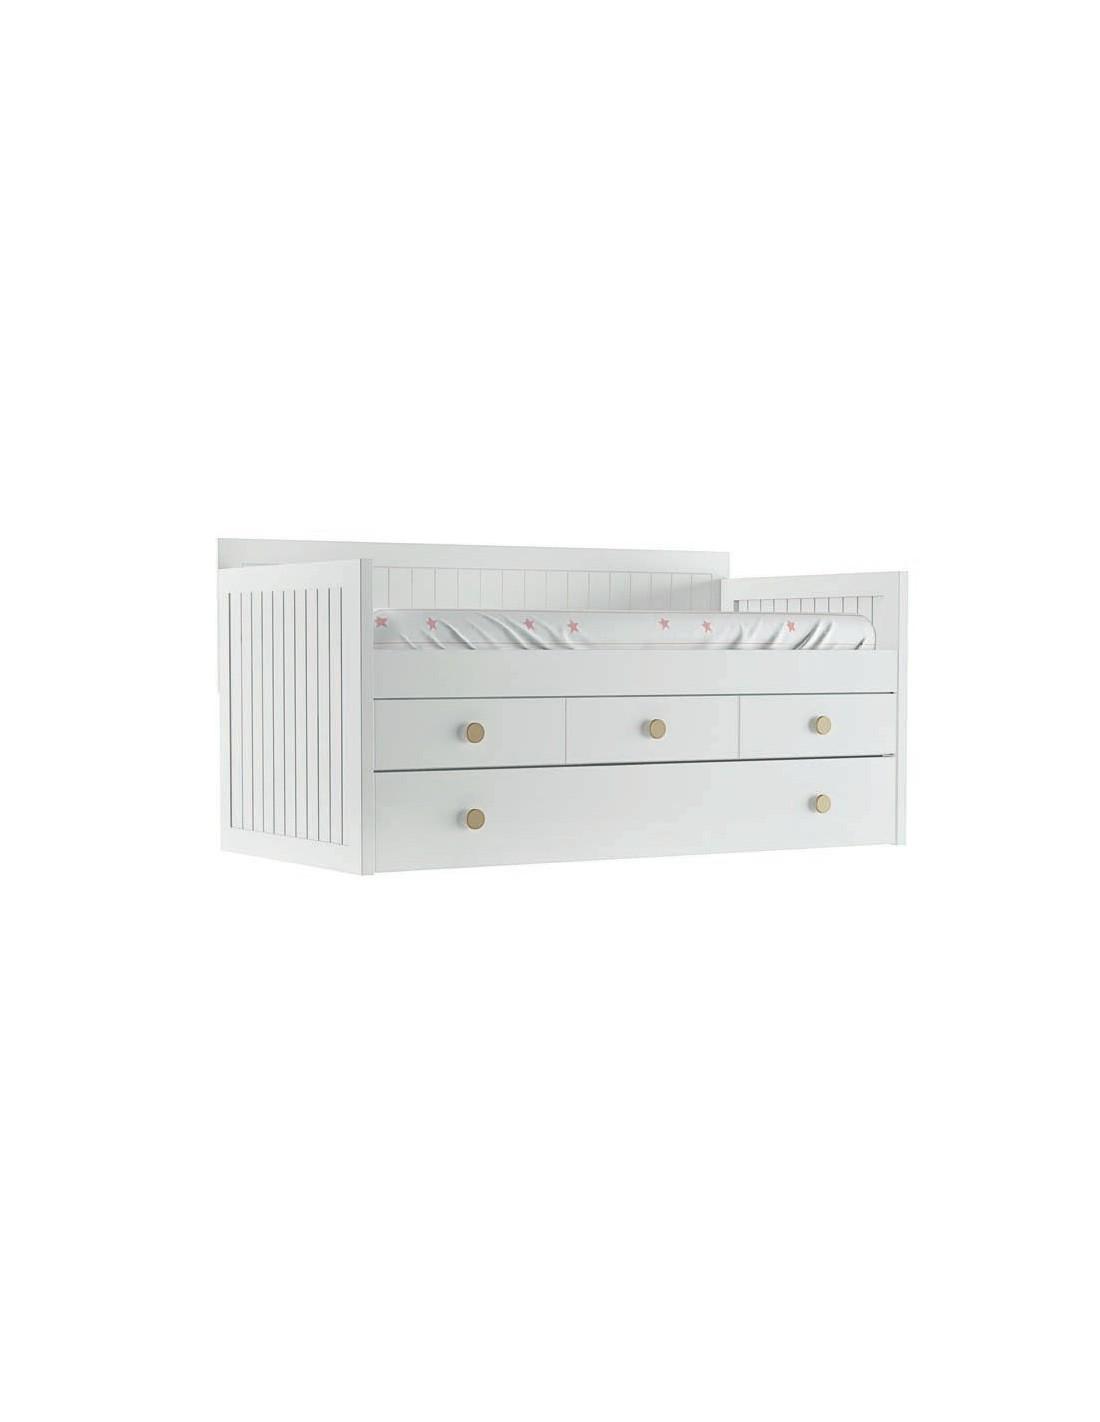 Preciosas camas nido blancas con cajones europolis for Cama nido 105 con cajones